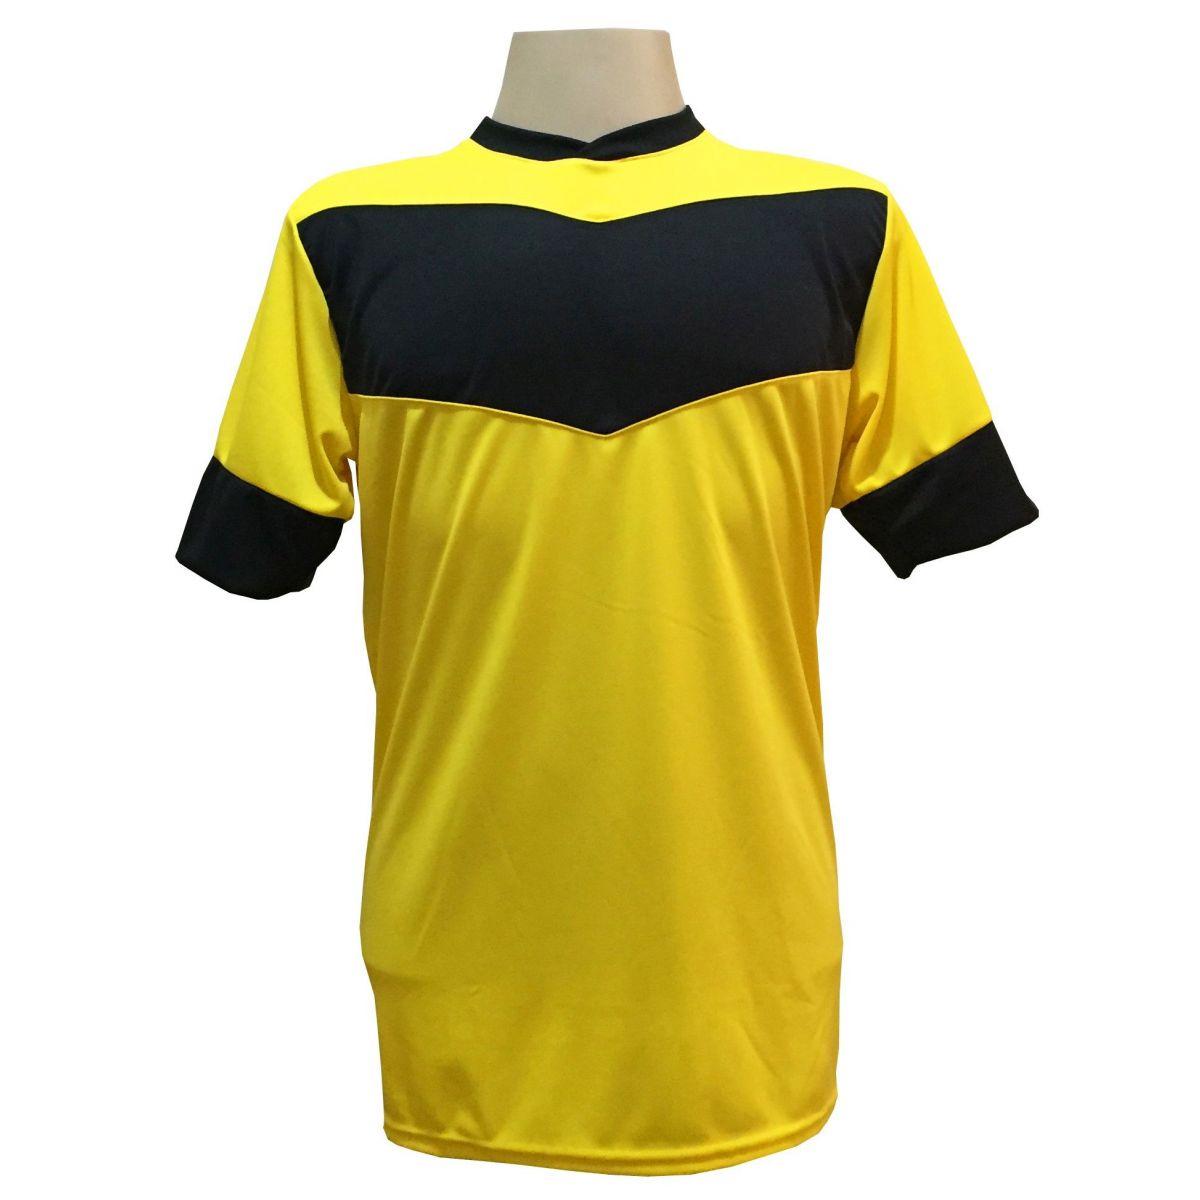 Fardamento Completo modelo Columbus 18+2 (18 Camisas Amarelo/Preto + 18 Calções Madrid Amarelo + 18 Pares de Meiões Amarelos + 2 Conjuntos de Goleiro) + Brindes